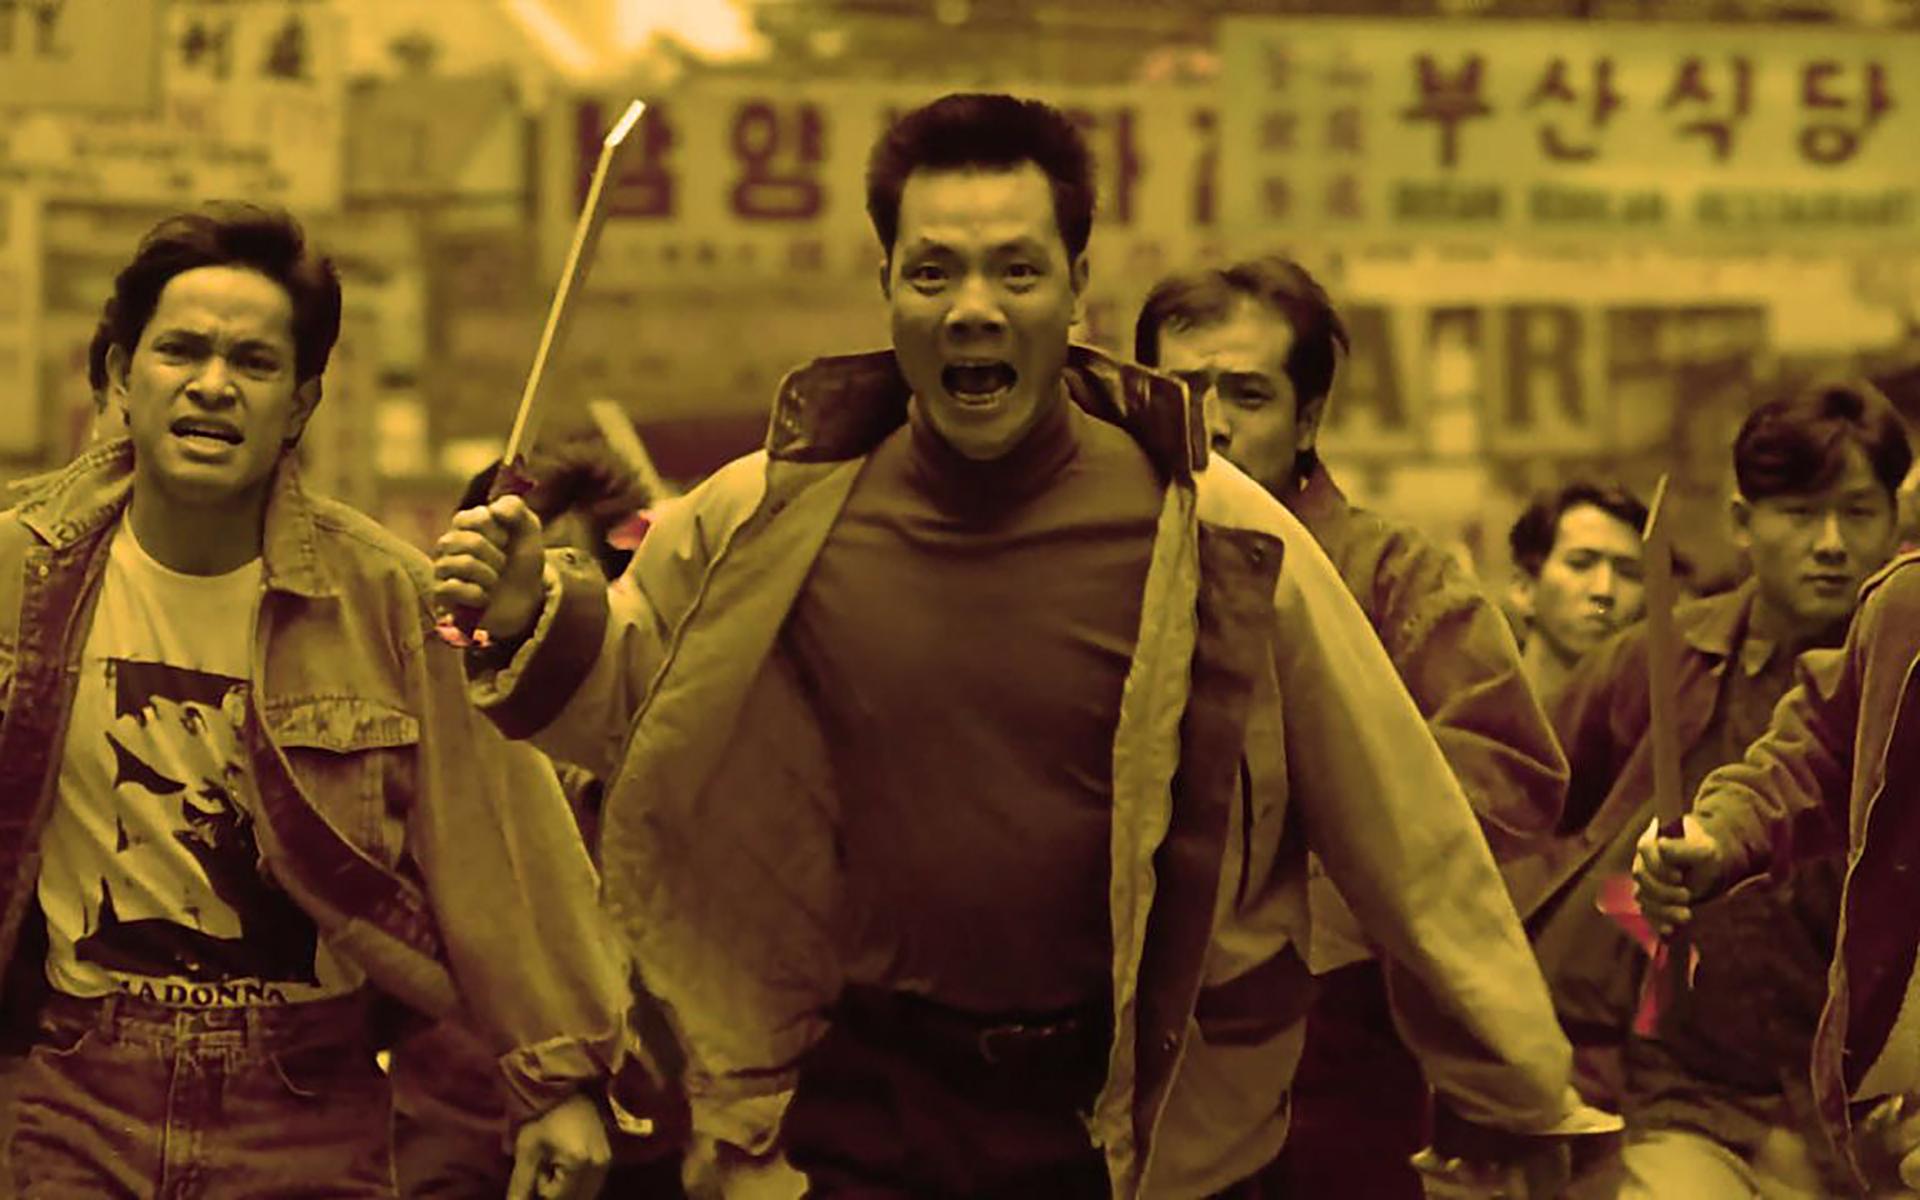 【电影盘点】那些操作猛如虎的电影片段 第183弹